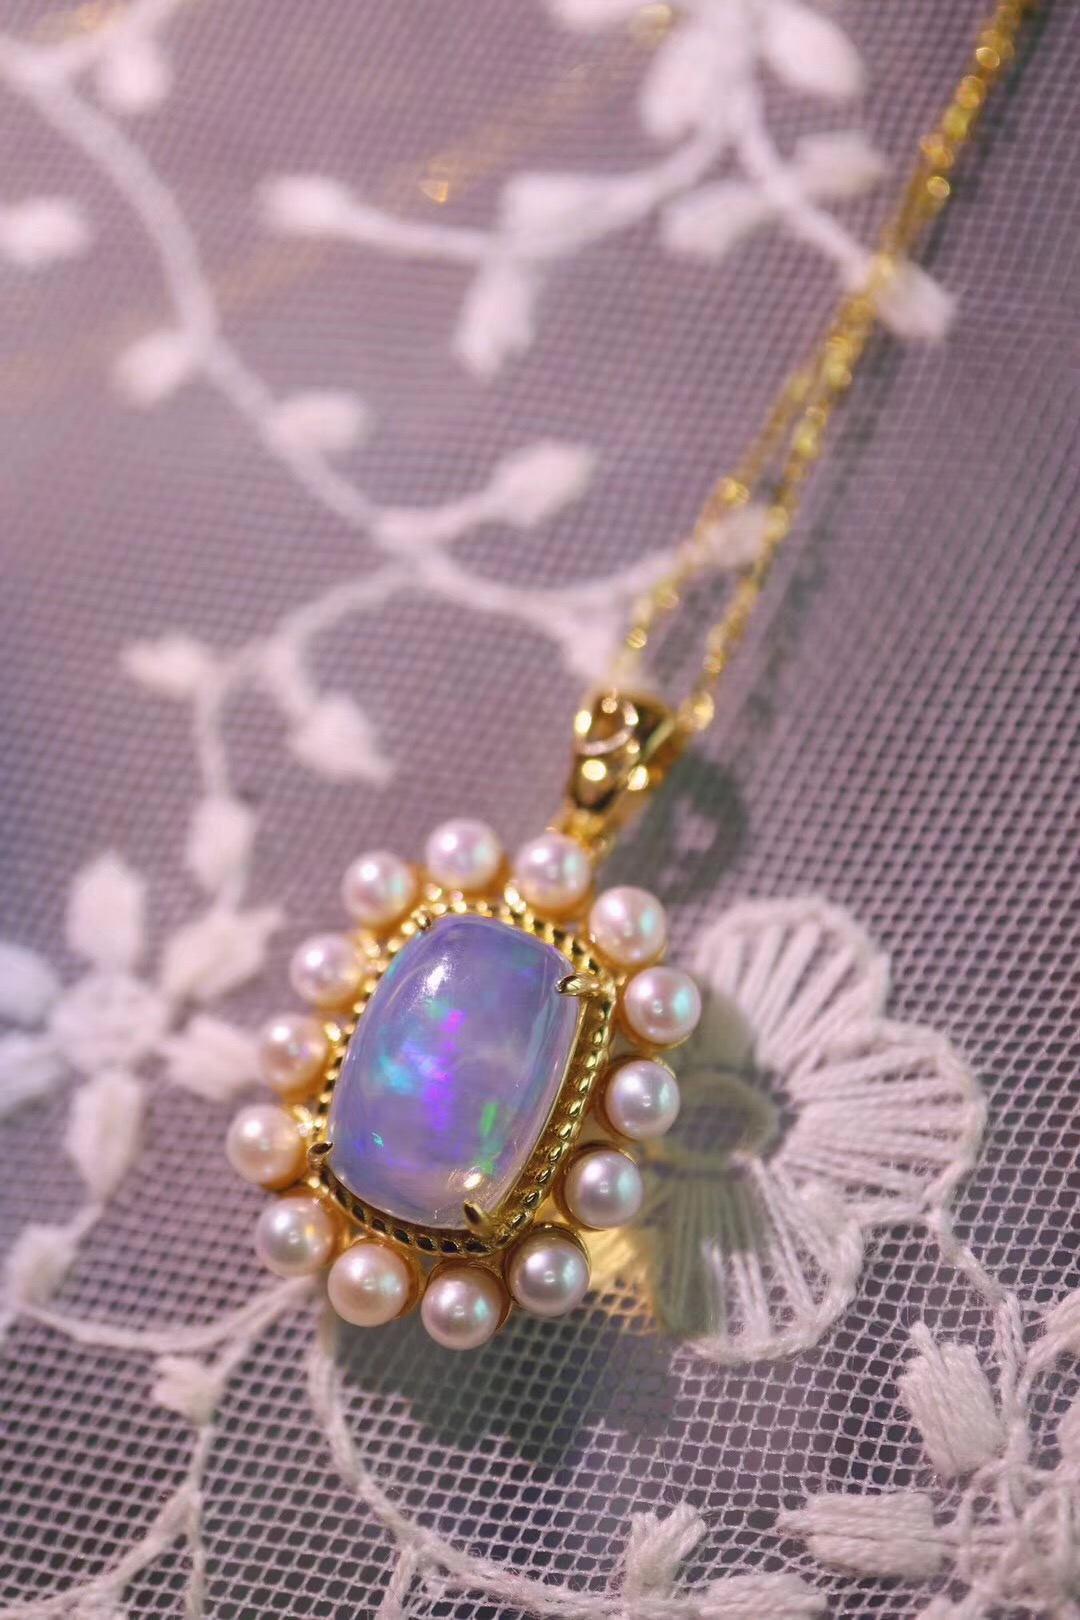 【菩心-欧泊石】唯美的一组欧泊石定制,戒指和吊坠都非常梦幻-菩心晶舍